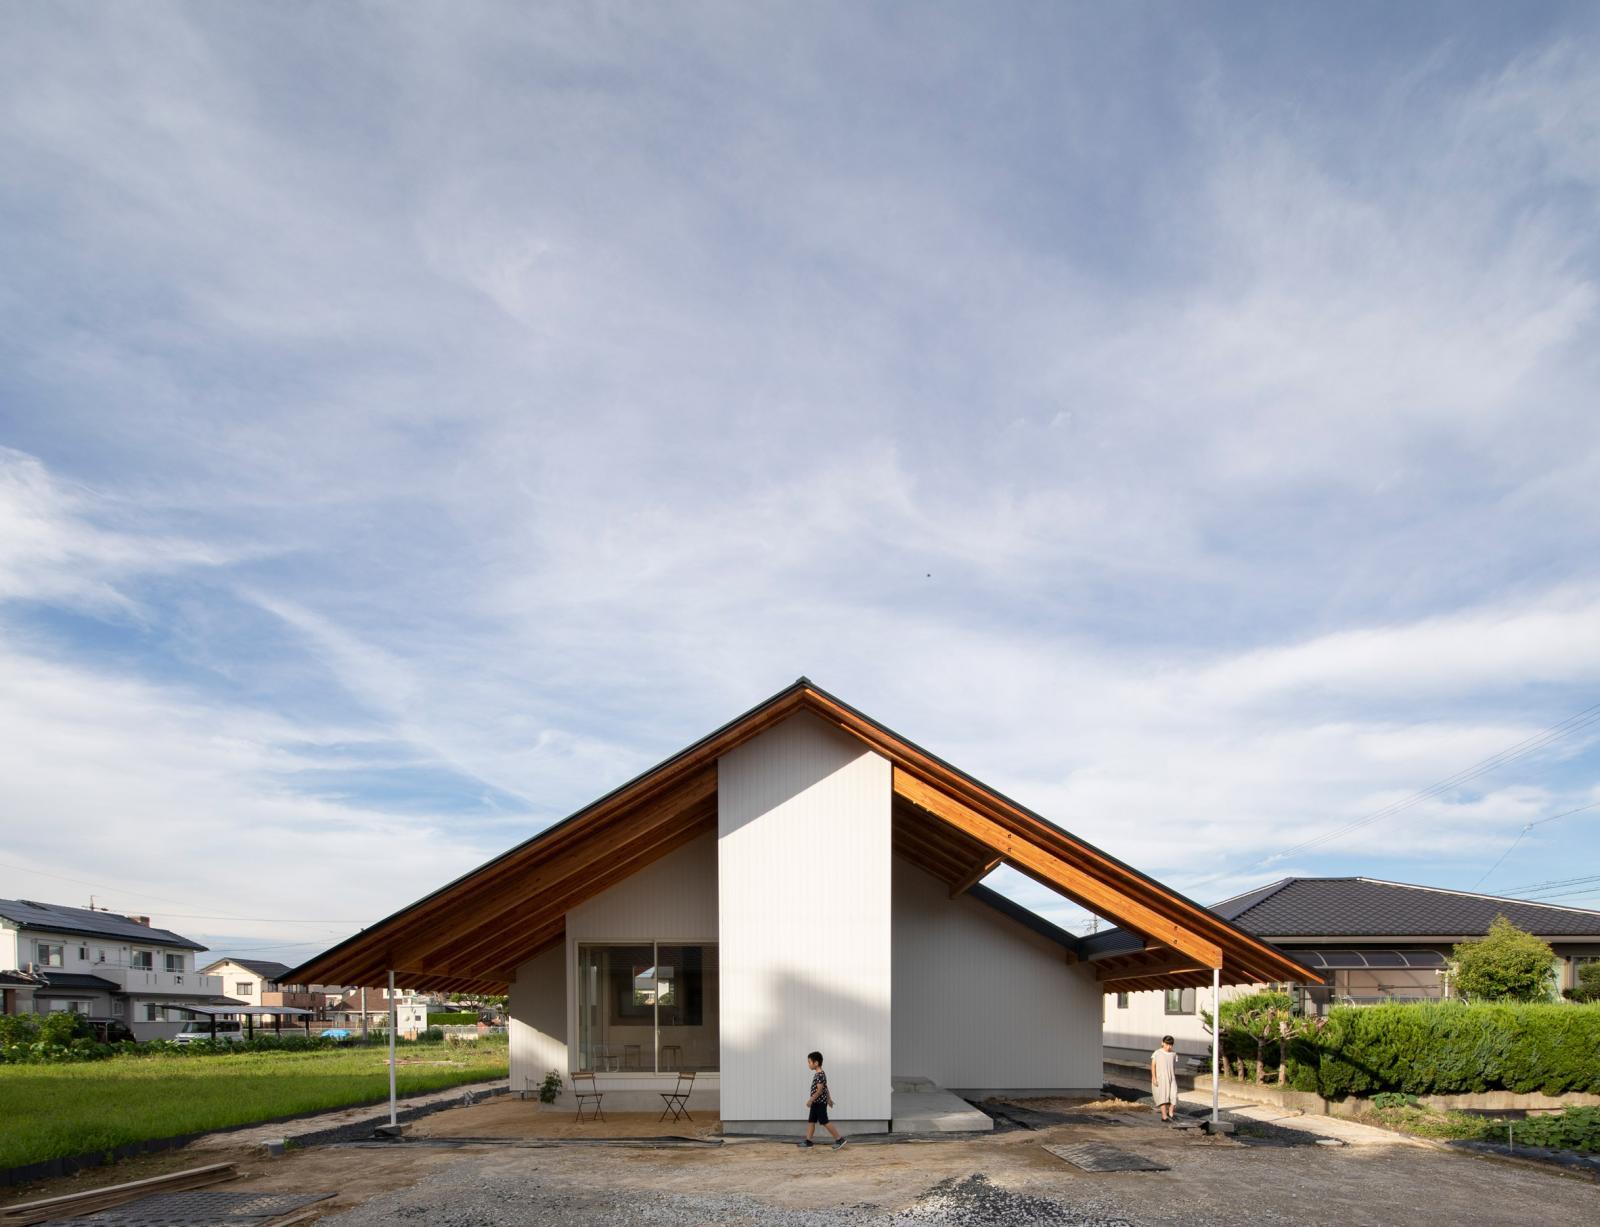 Ấn tượng ngôi nhà hình chữ thập với mái hiên khổng lồ